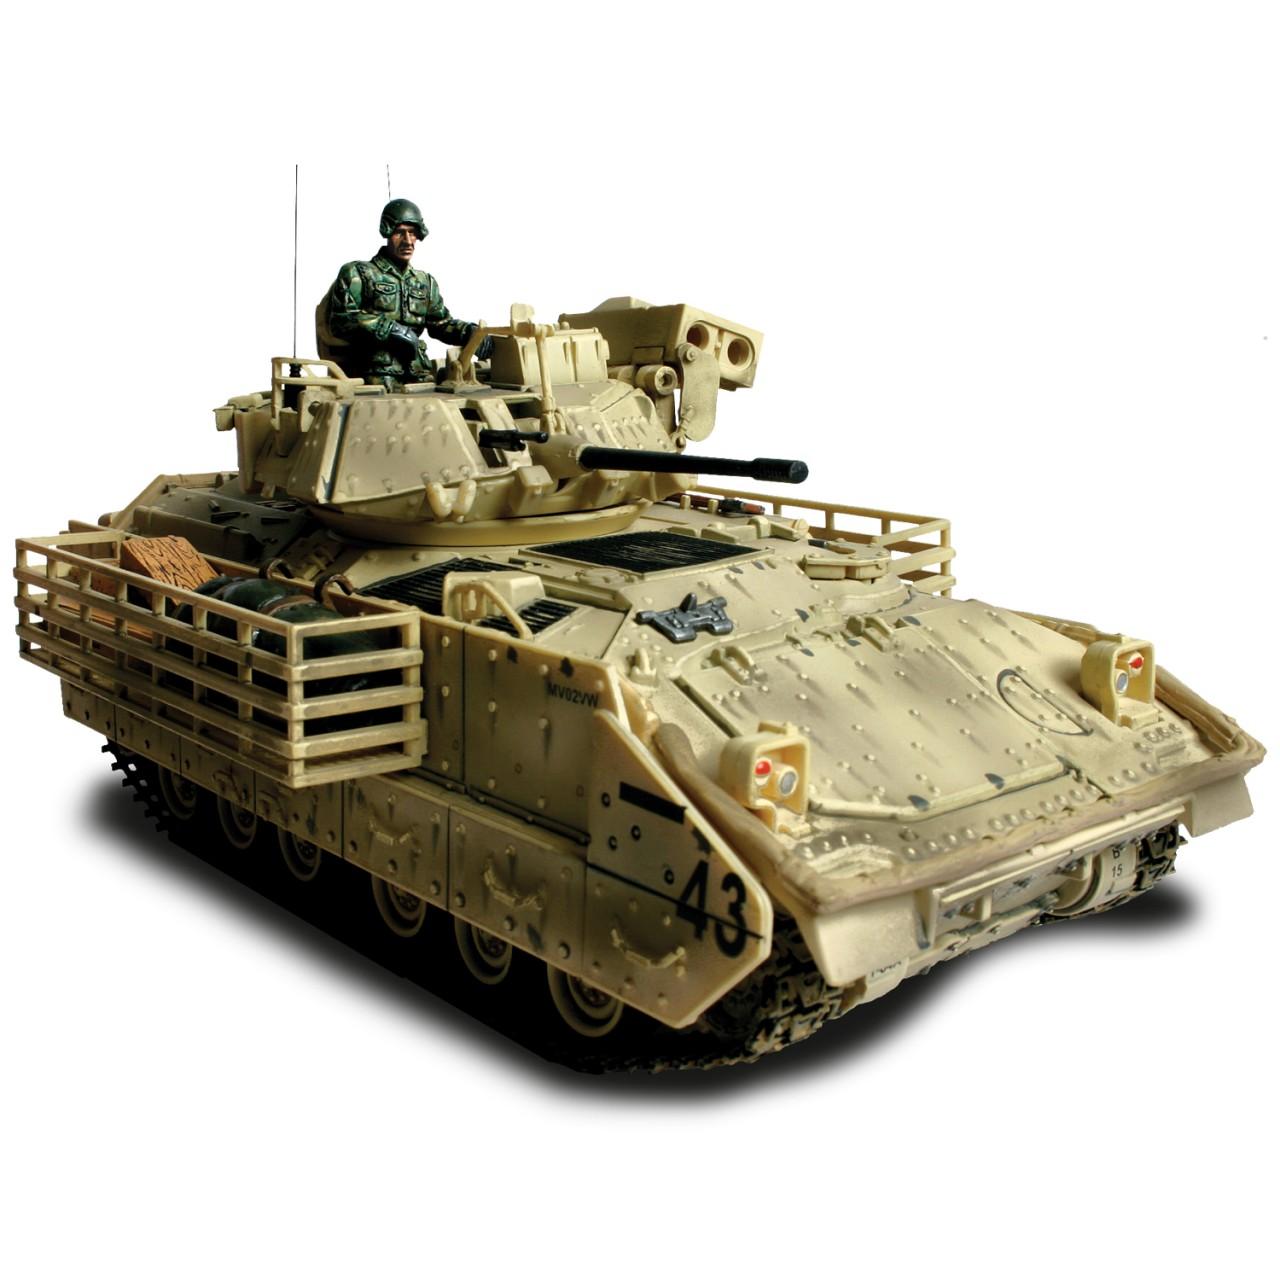 Коллекционная модель - танк M3A2 Bradley 2003, США, 1:32Военная техника<br>Коллекционная модель - танк M3A2 Bradley 2003, США, 1:32<br>